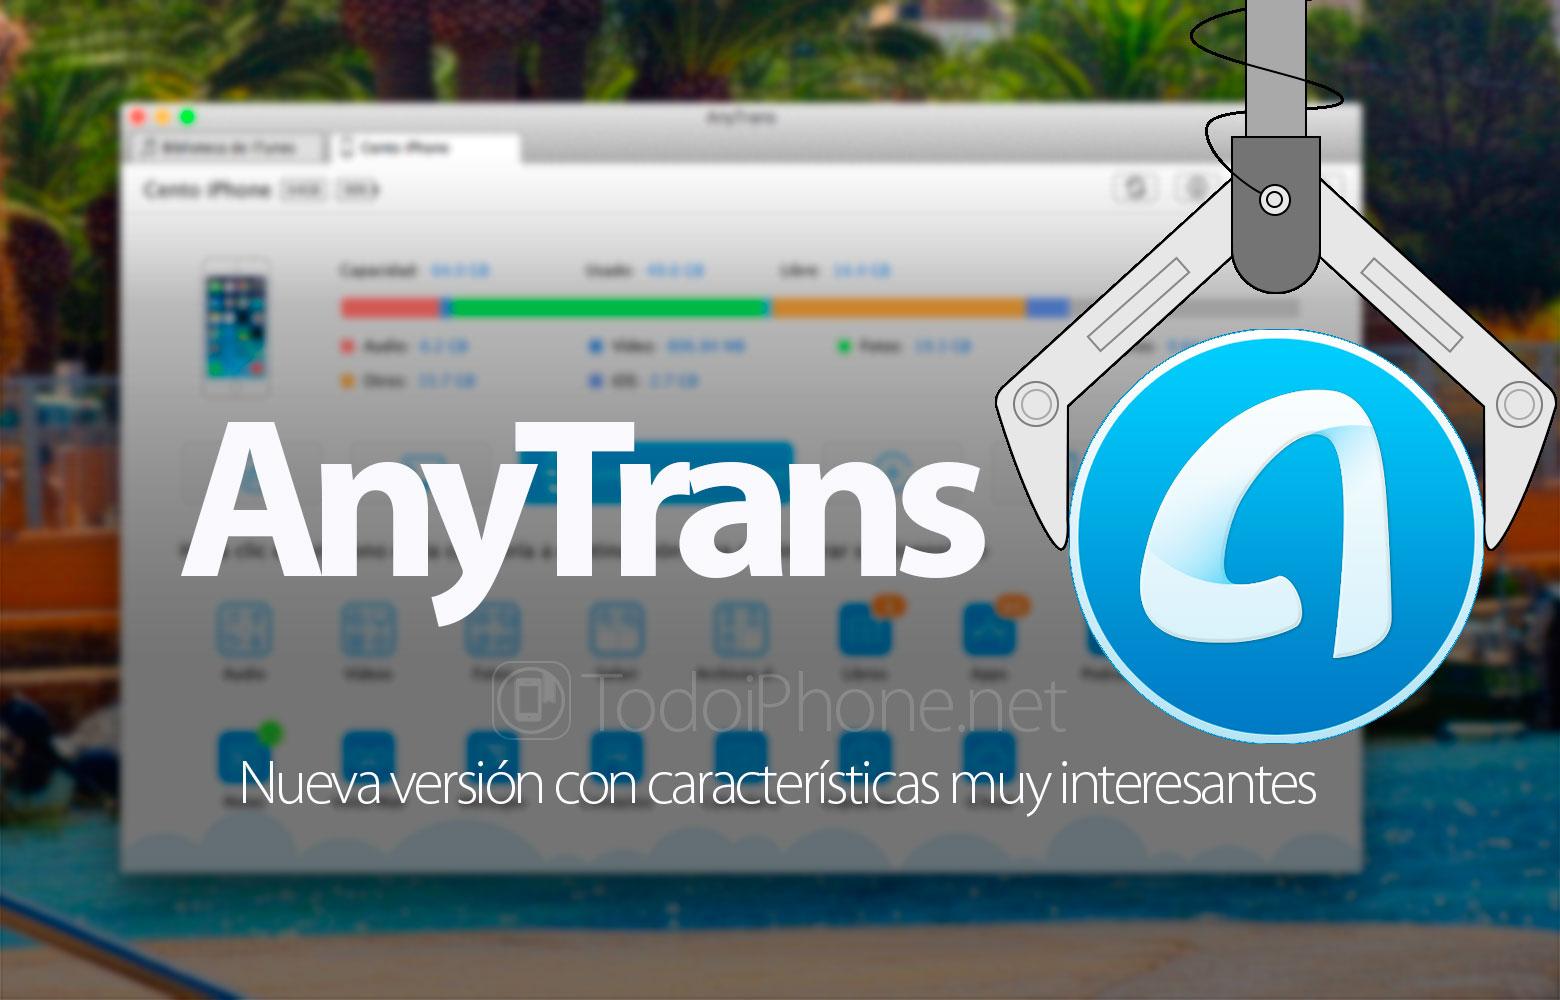 anytrans-gestor-archivos-alternativo-itunes